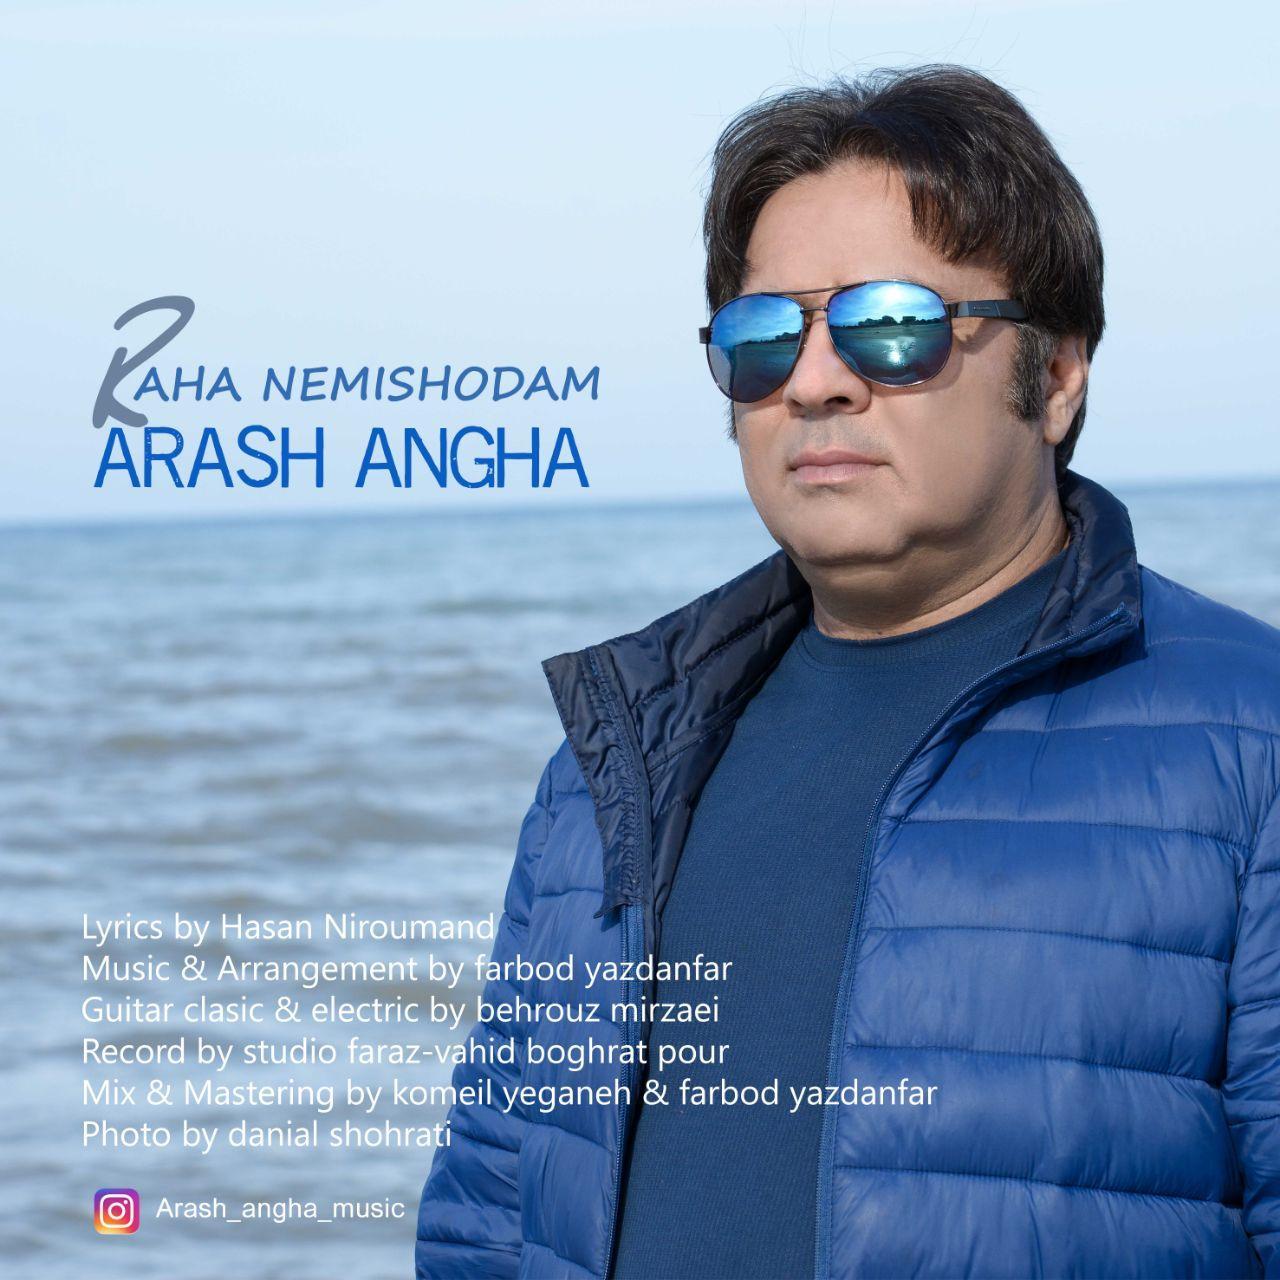 Arash Angha – Raha Nemishodam